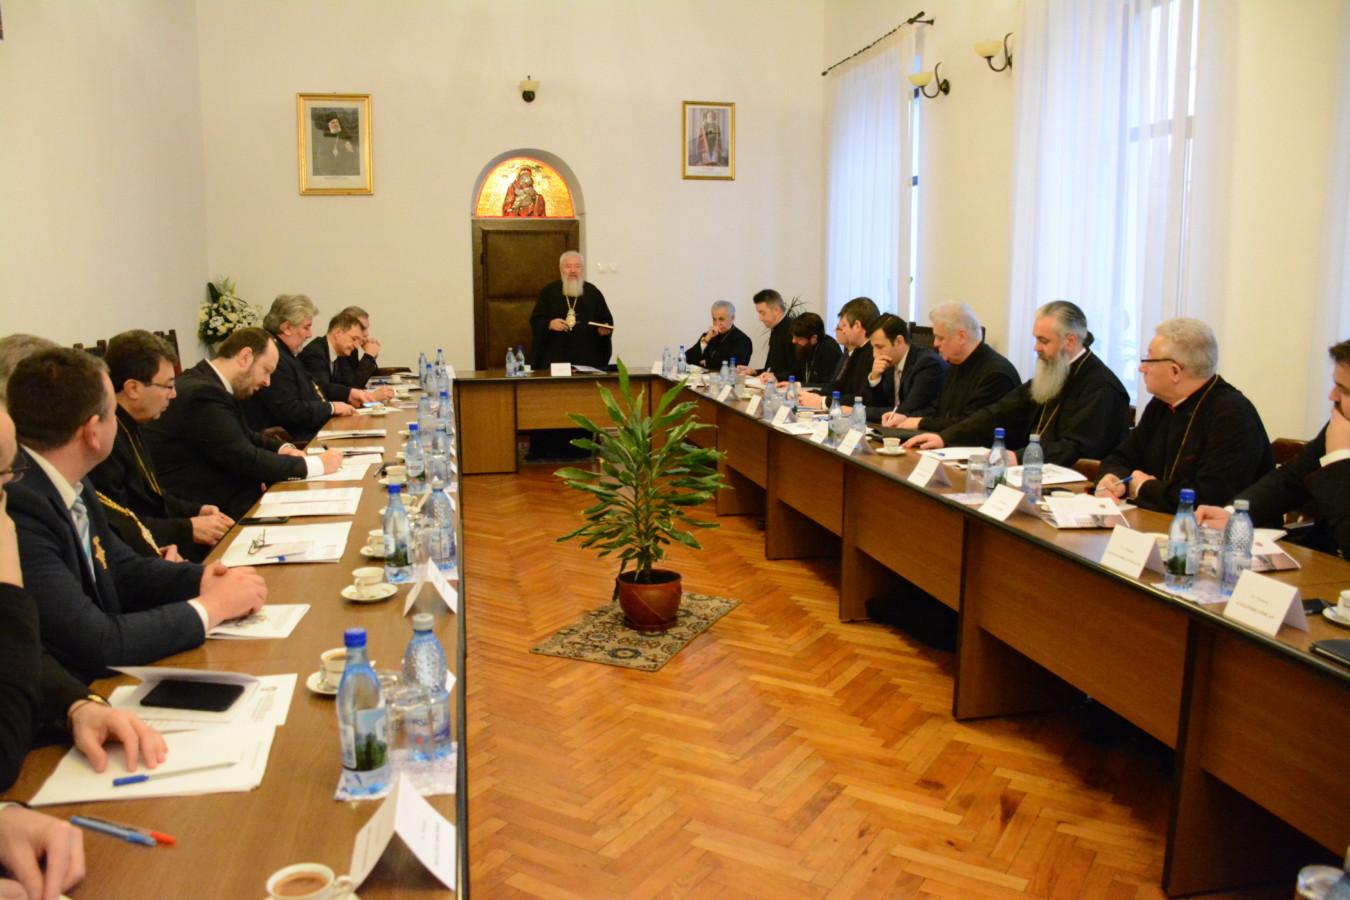 Realizările Arhiepiscopiei Clujului pe anul 2018, analizate de Adunarea Eparhială la început de an